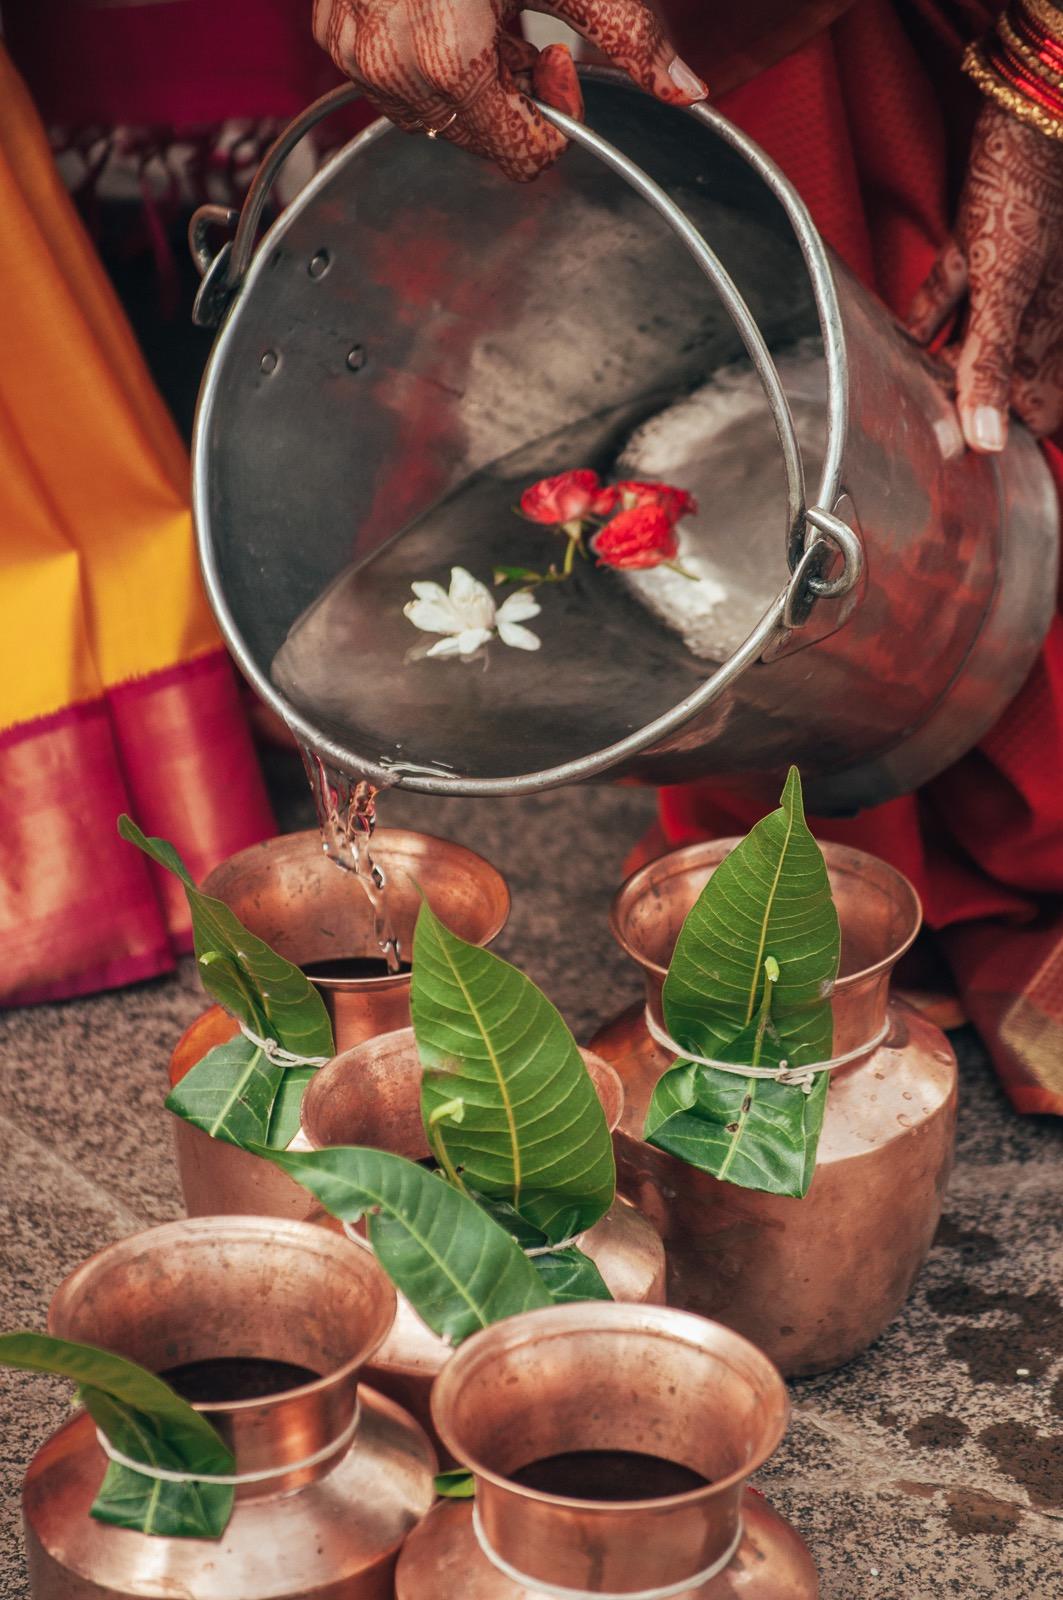 Image courtesy http://picklejar.in